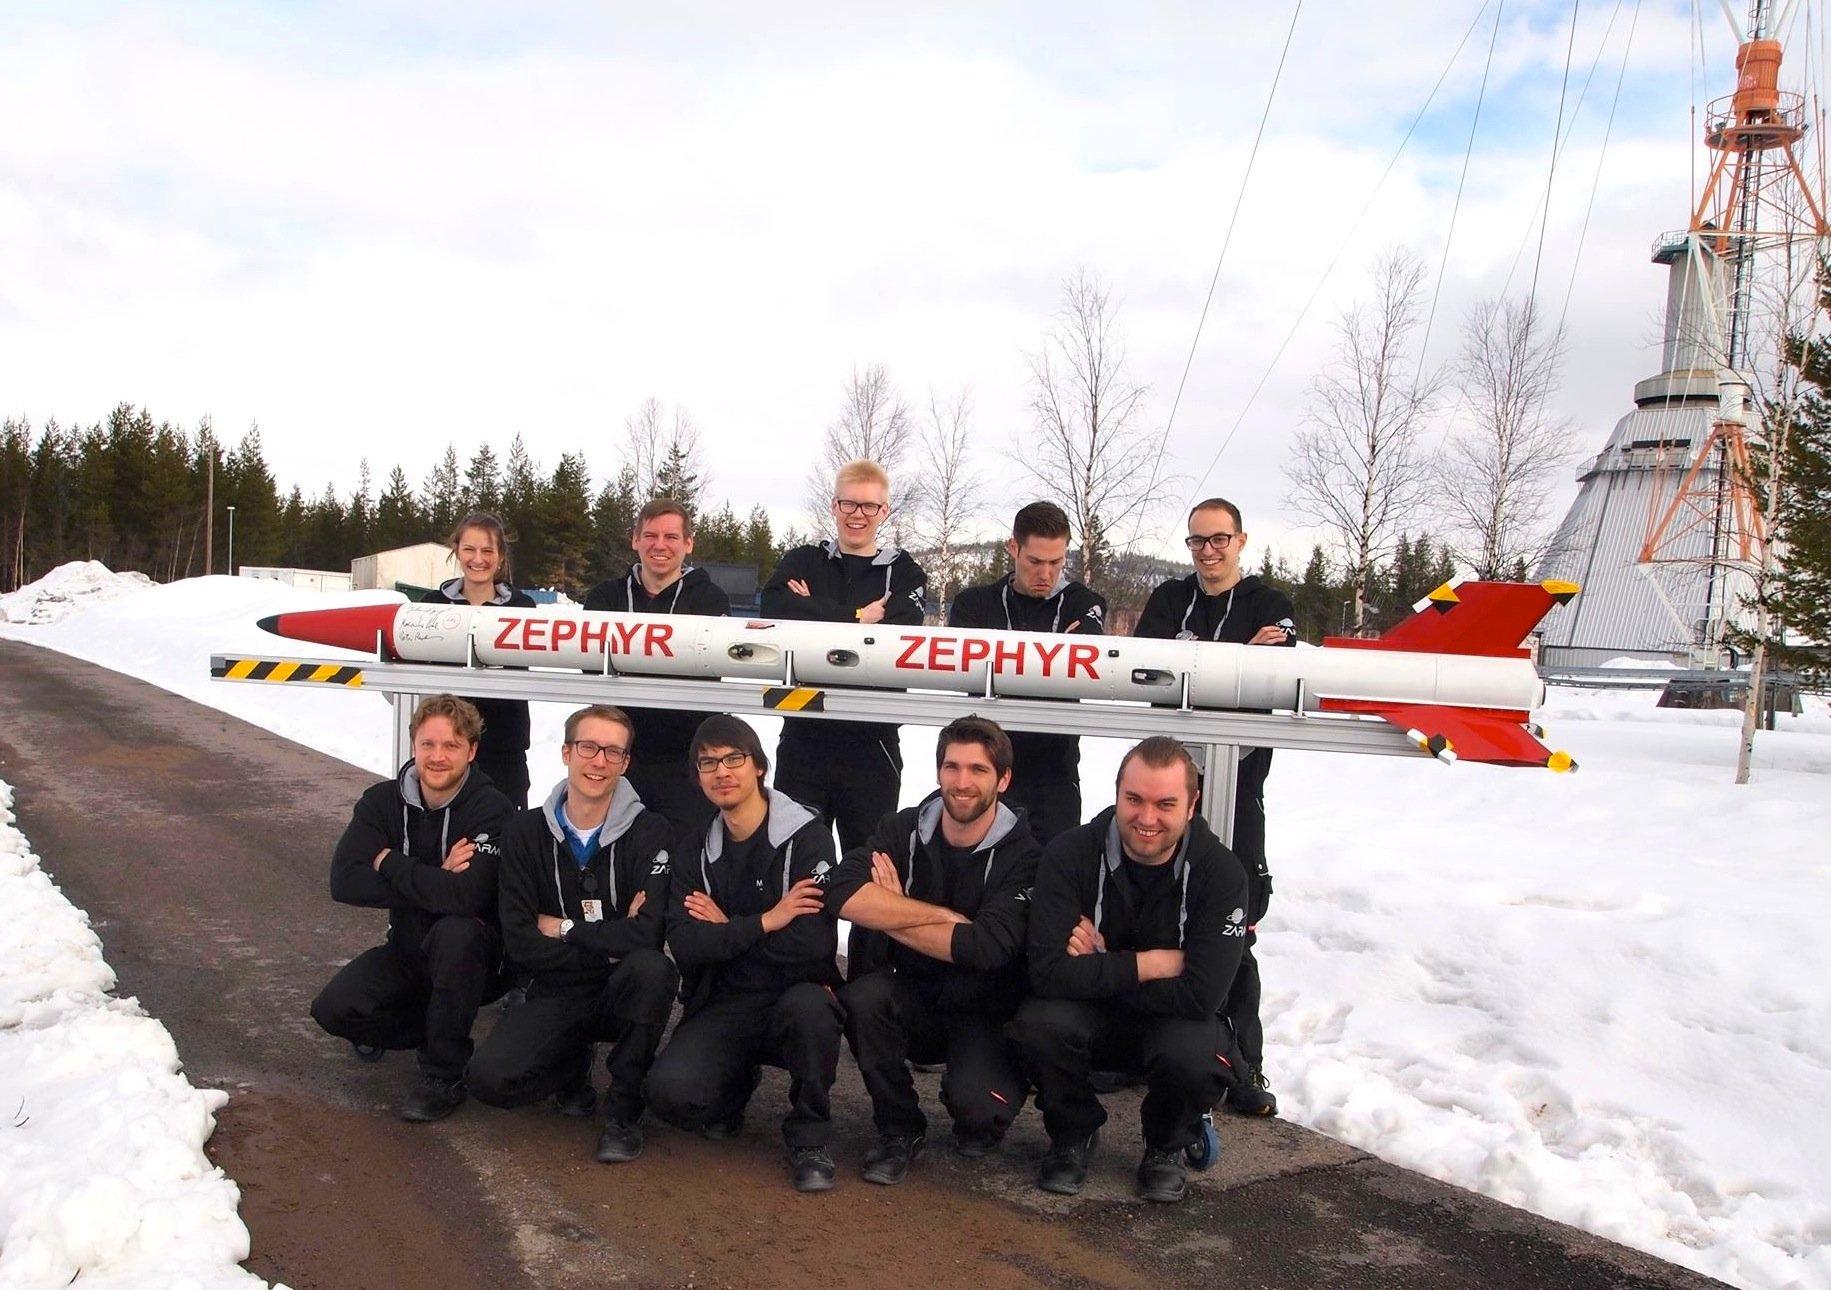 Angehenden Raumfahrt-Ingenieure der Uni Bremen brauchten Geduld, bis der Raketenstart gelangt. Erst im vierten Versuch hob die Rakete am Samstag im schwedischen Kiruna vom Boden ab.